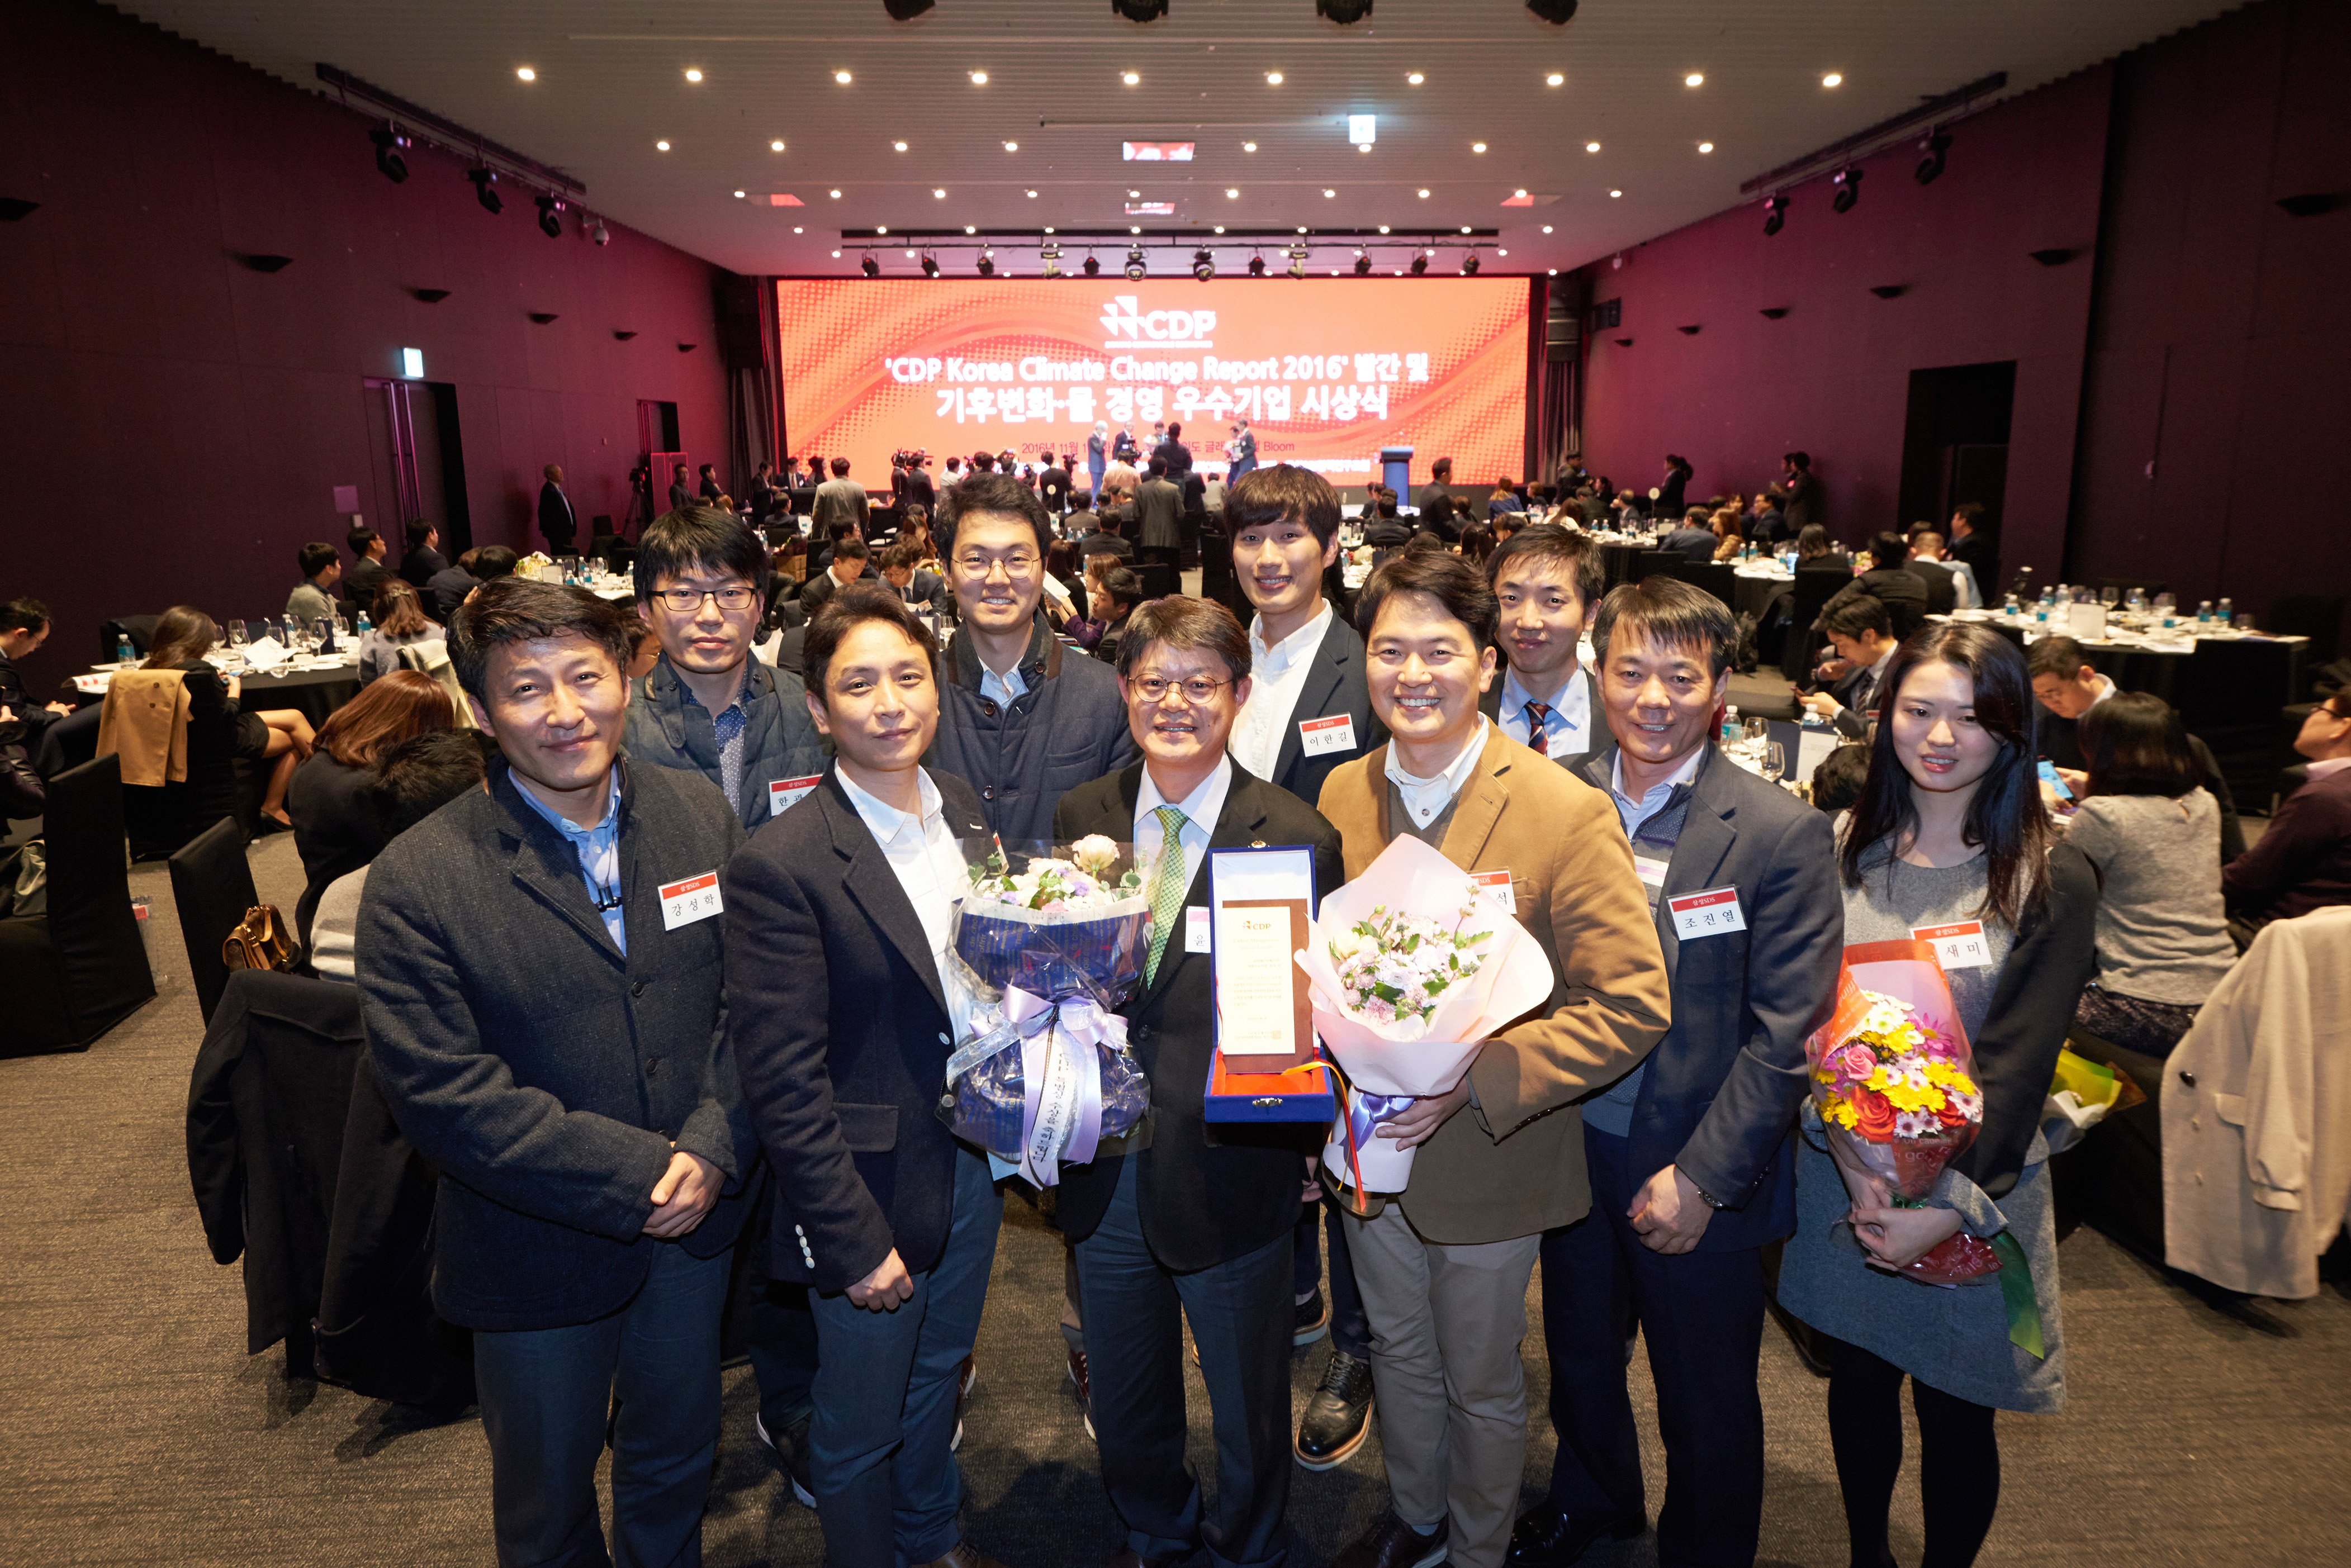 삼성SDS 임직원 수상 사진